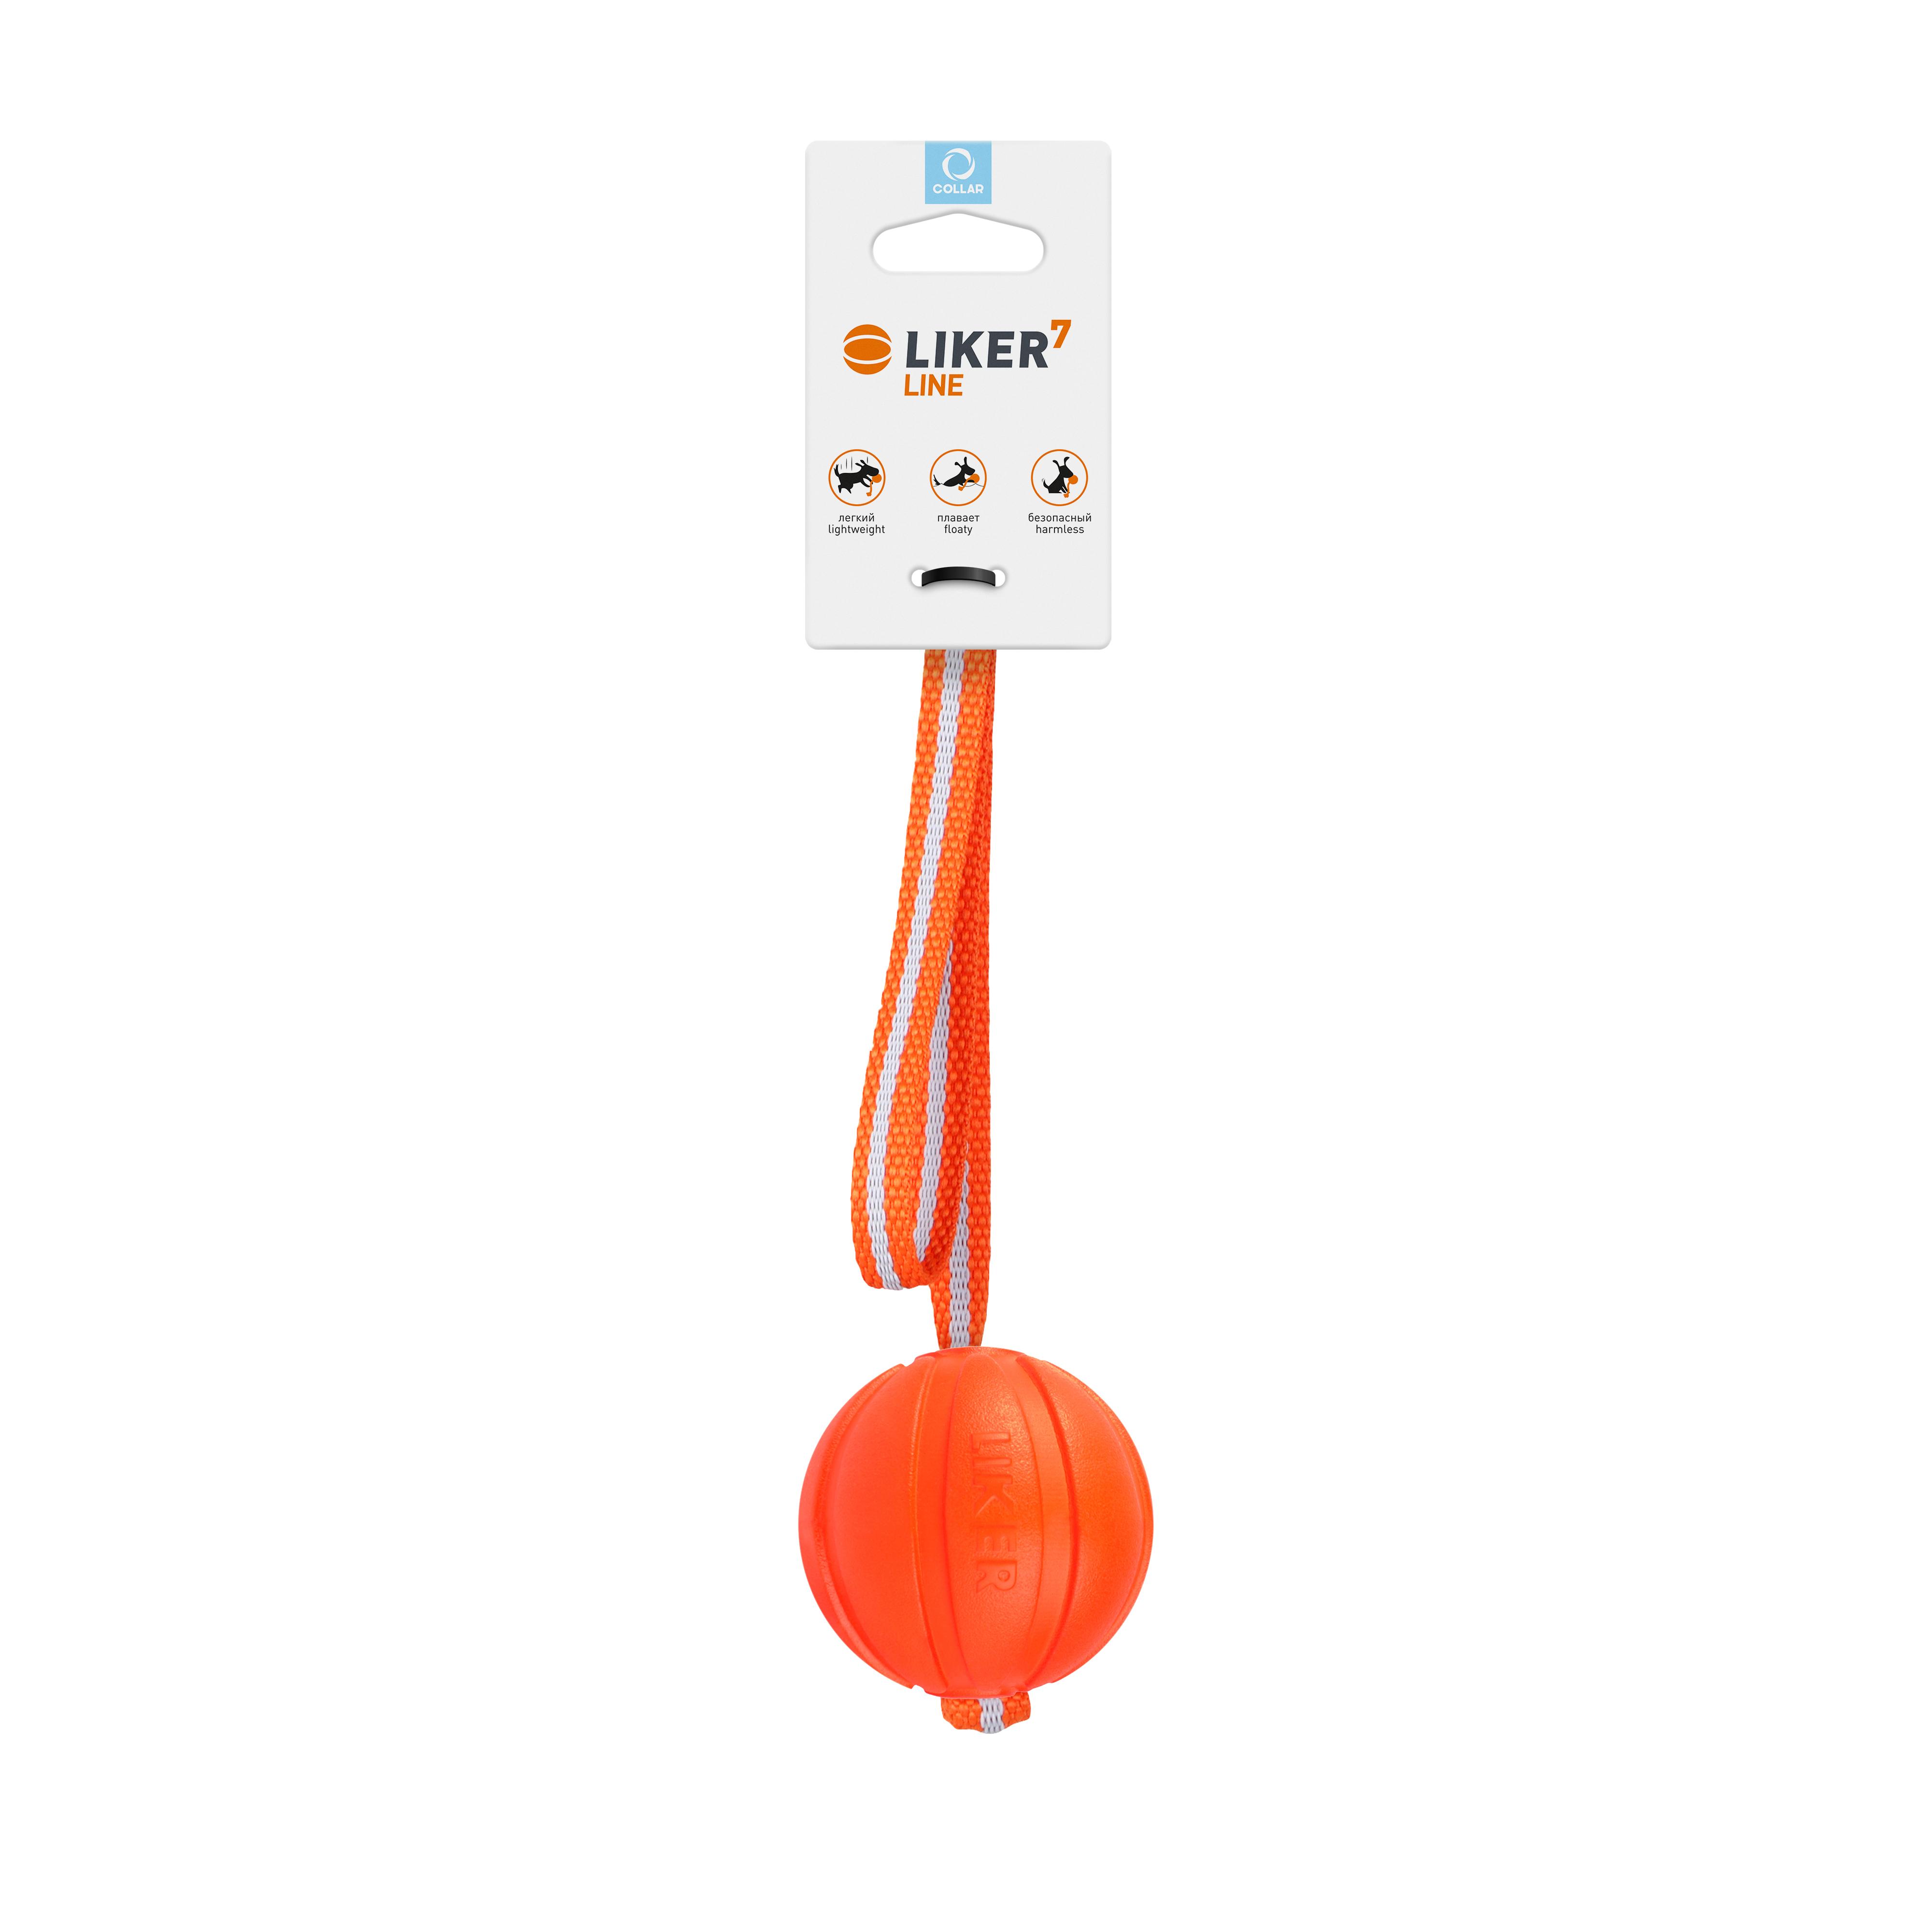 Мячик на ленте для собак мелких и средних пород LIKER Line, оранжевый, 7 см фото